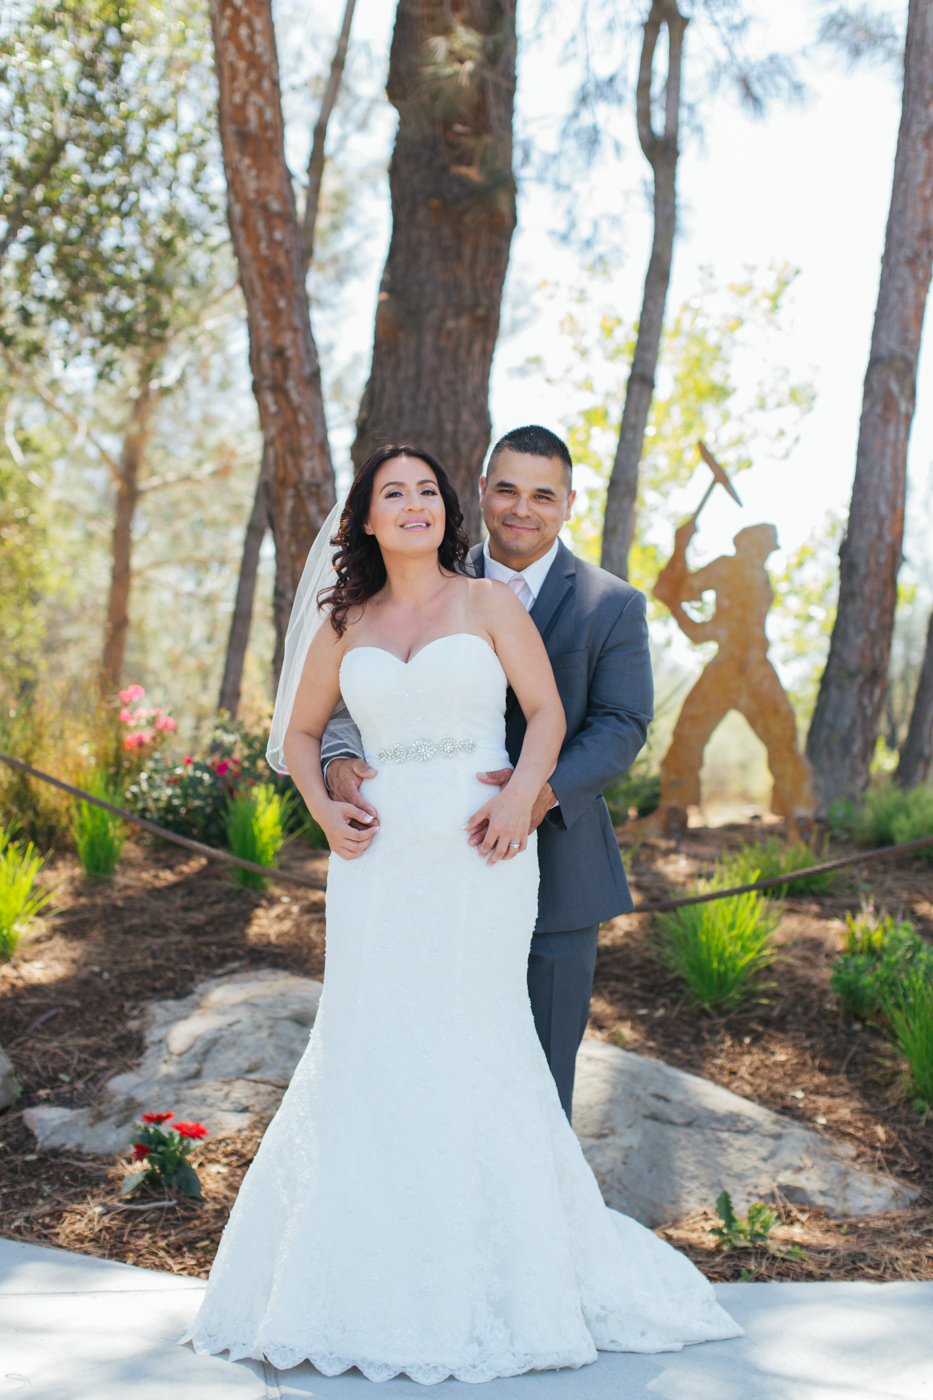 quarry-park-in-rocklin-california-wedding-event-center